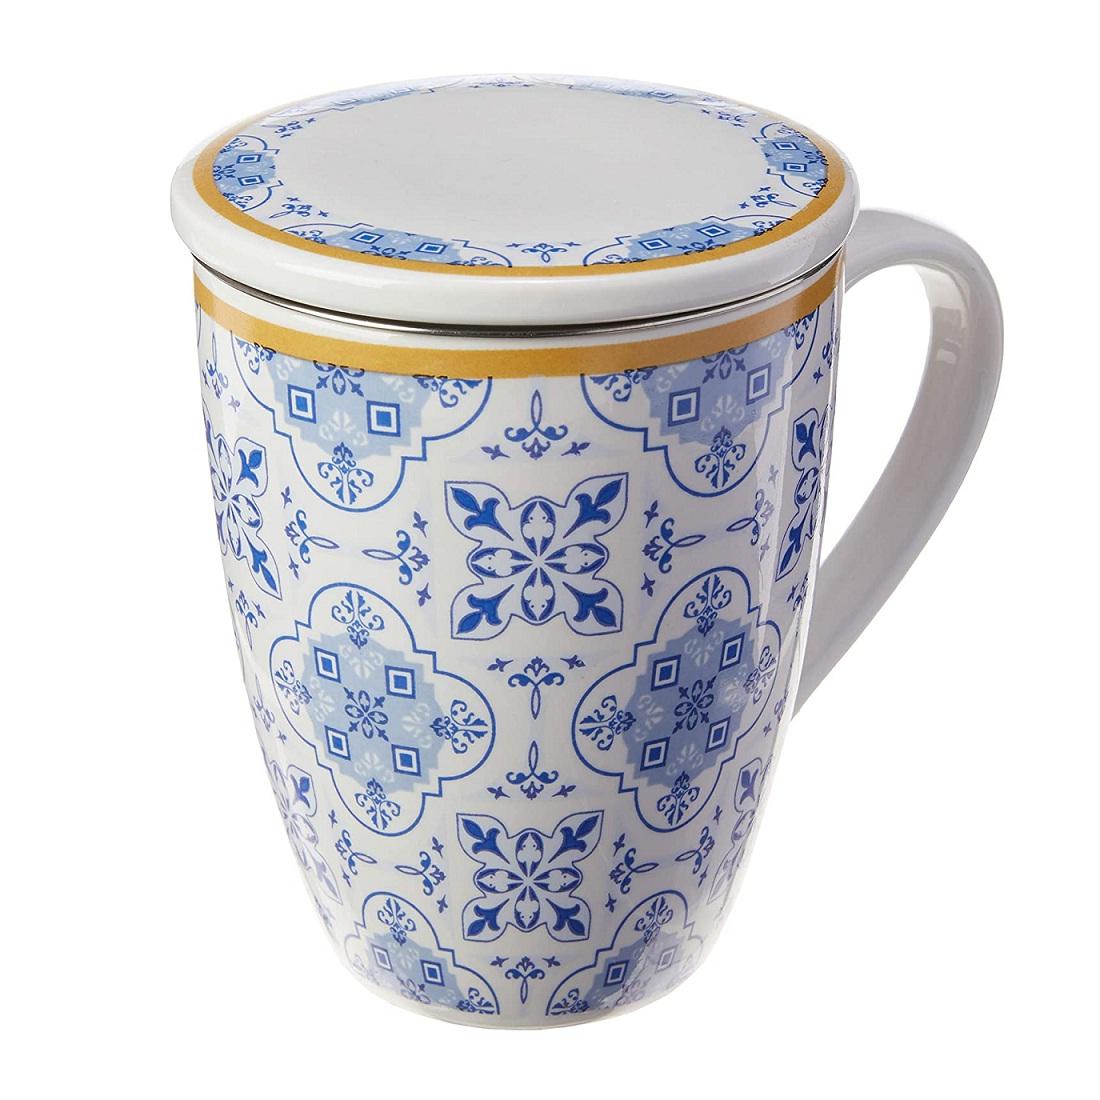 Caneca com tampa e filtro infusor de chá Lisboa Lyor